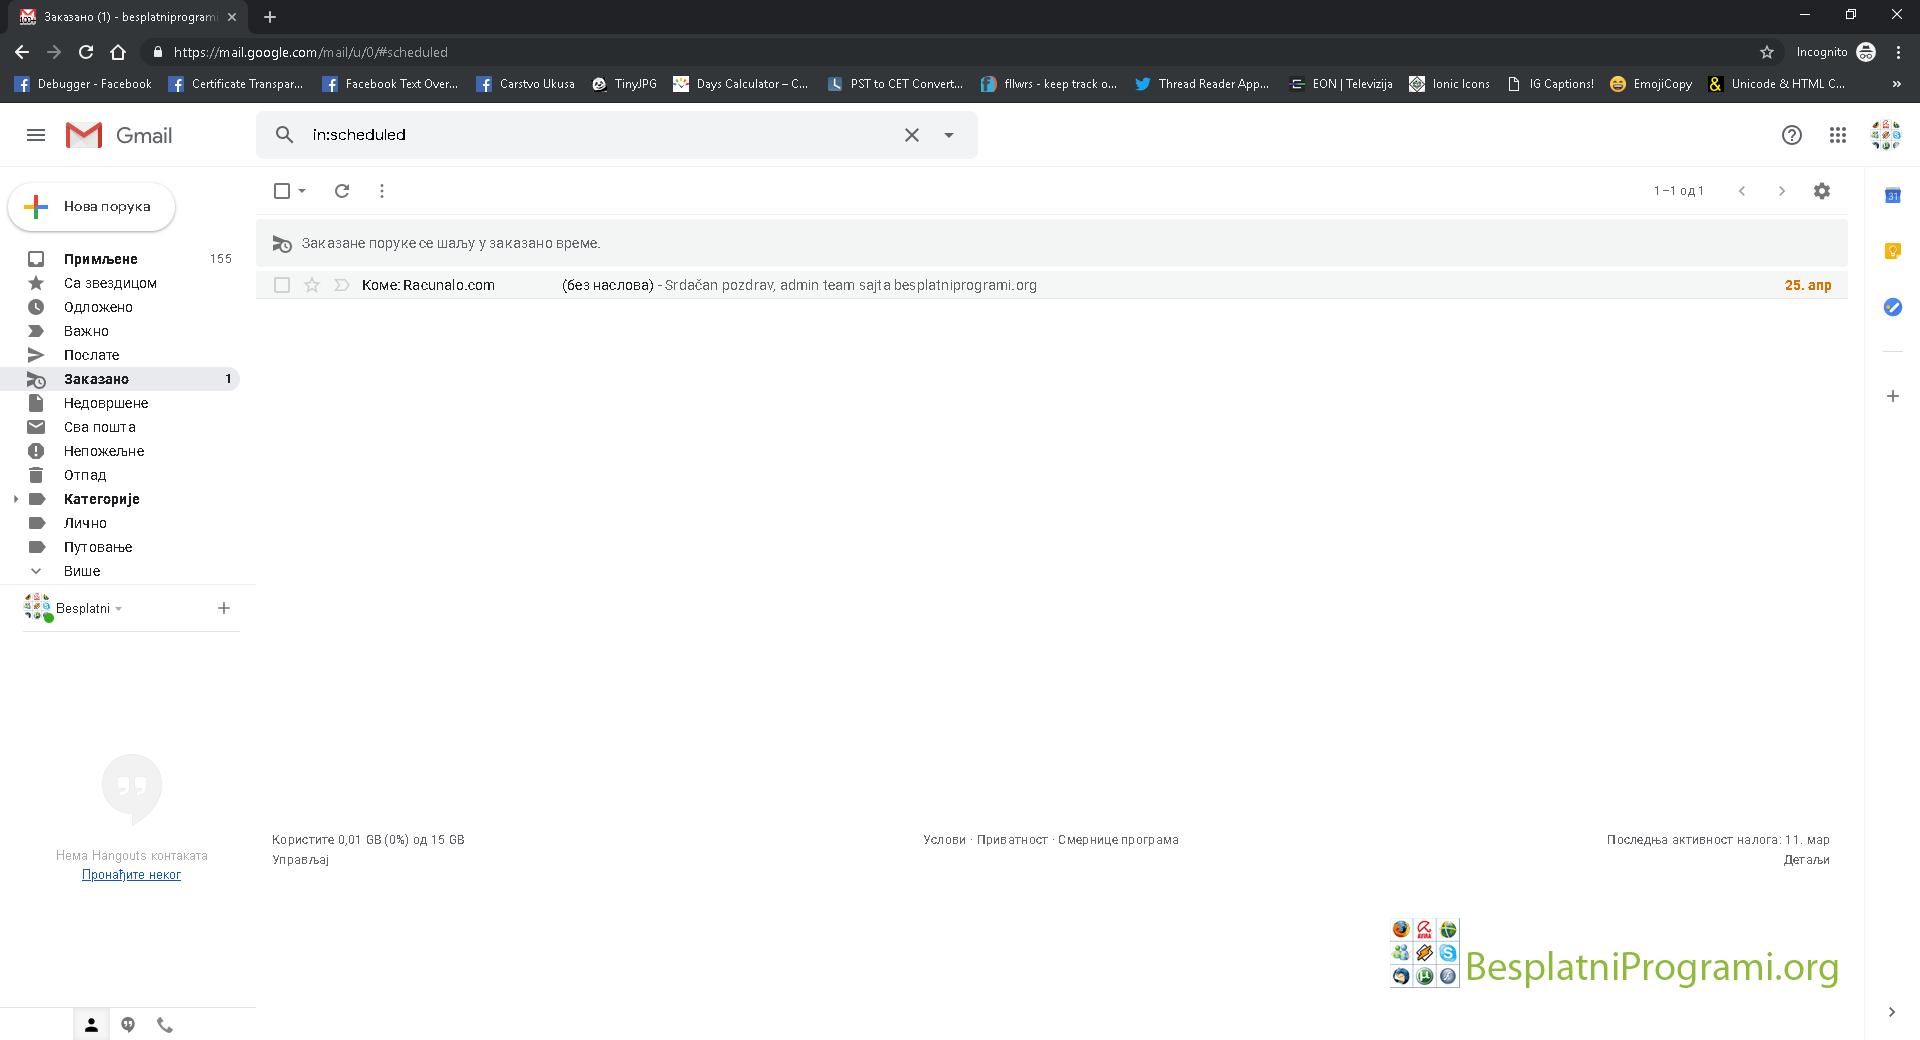 Gmail laptop - desktop mejlovi zakazani za slanje